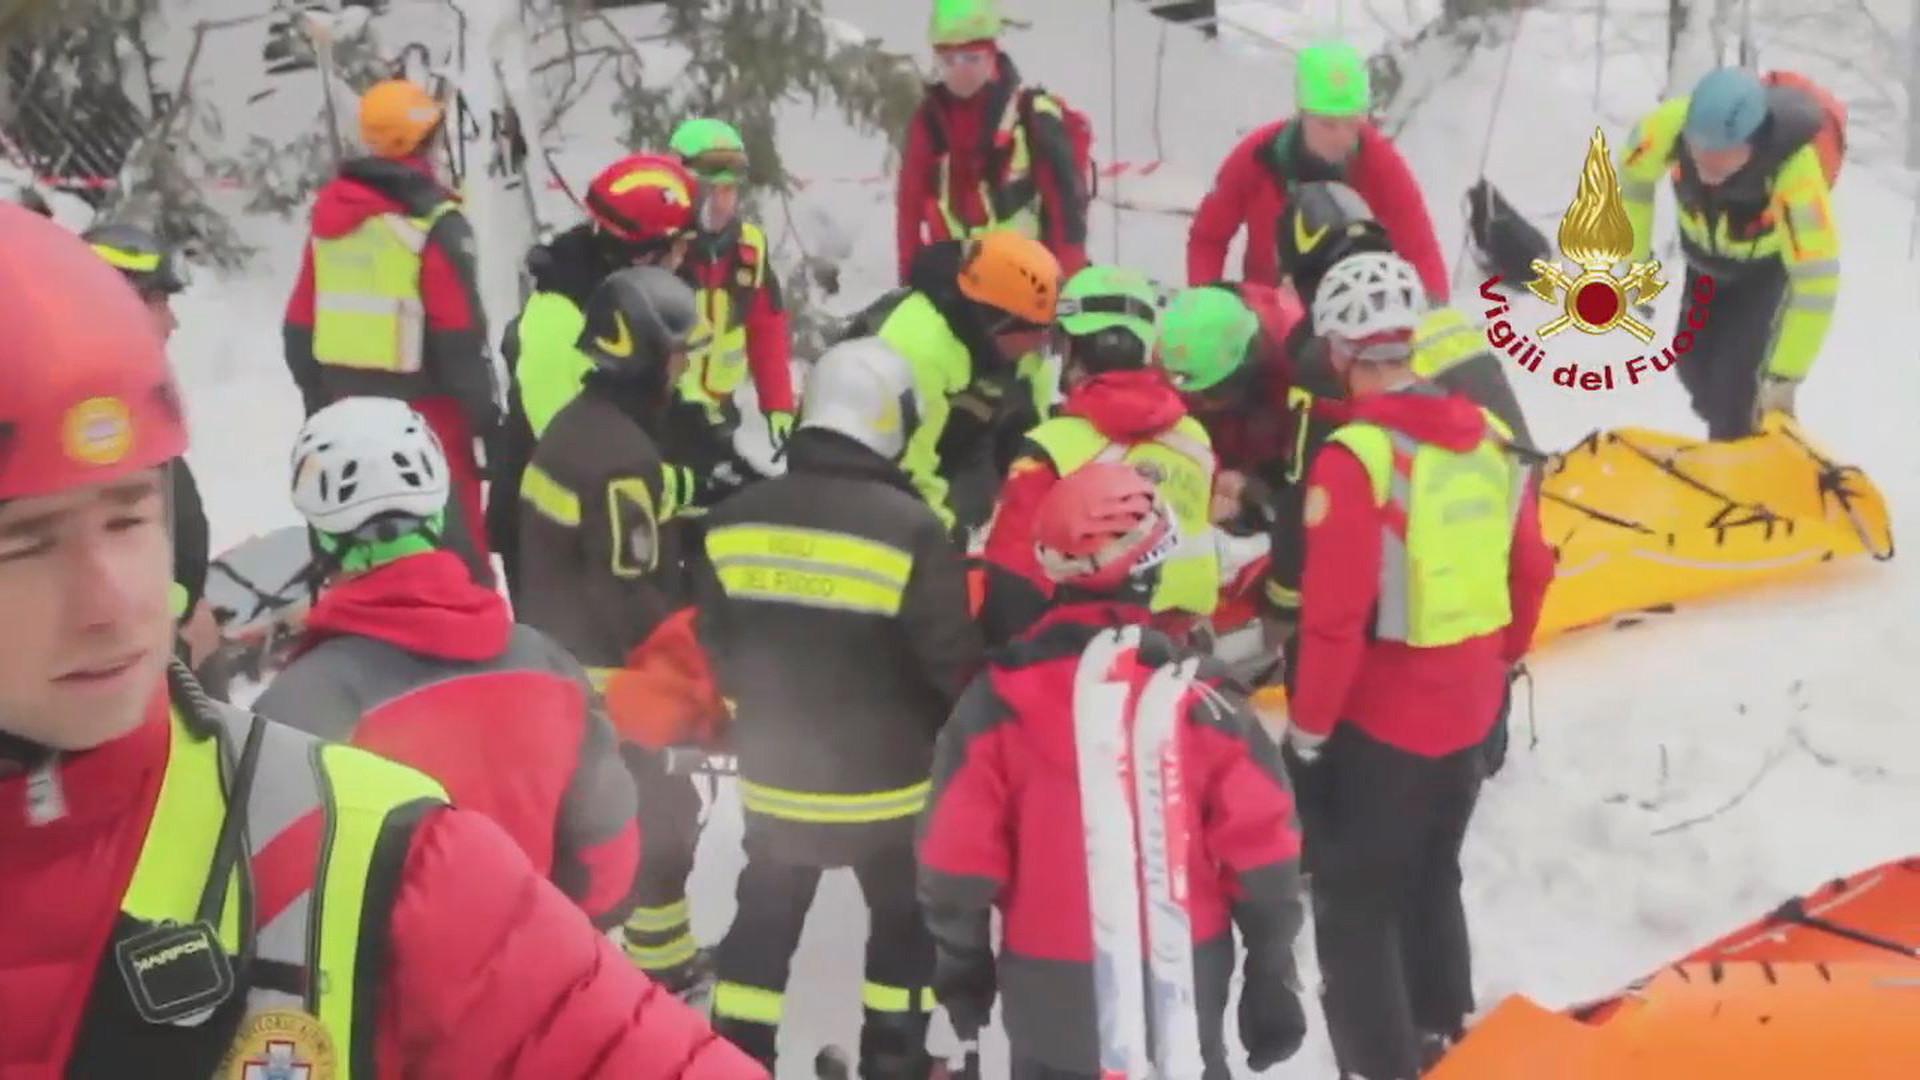 Italie : trois nouveaux survivants extirpés de l'hôtel détruit par une avalanche